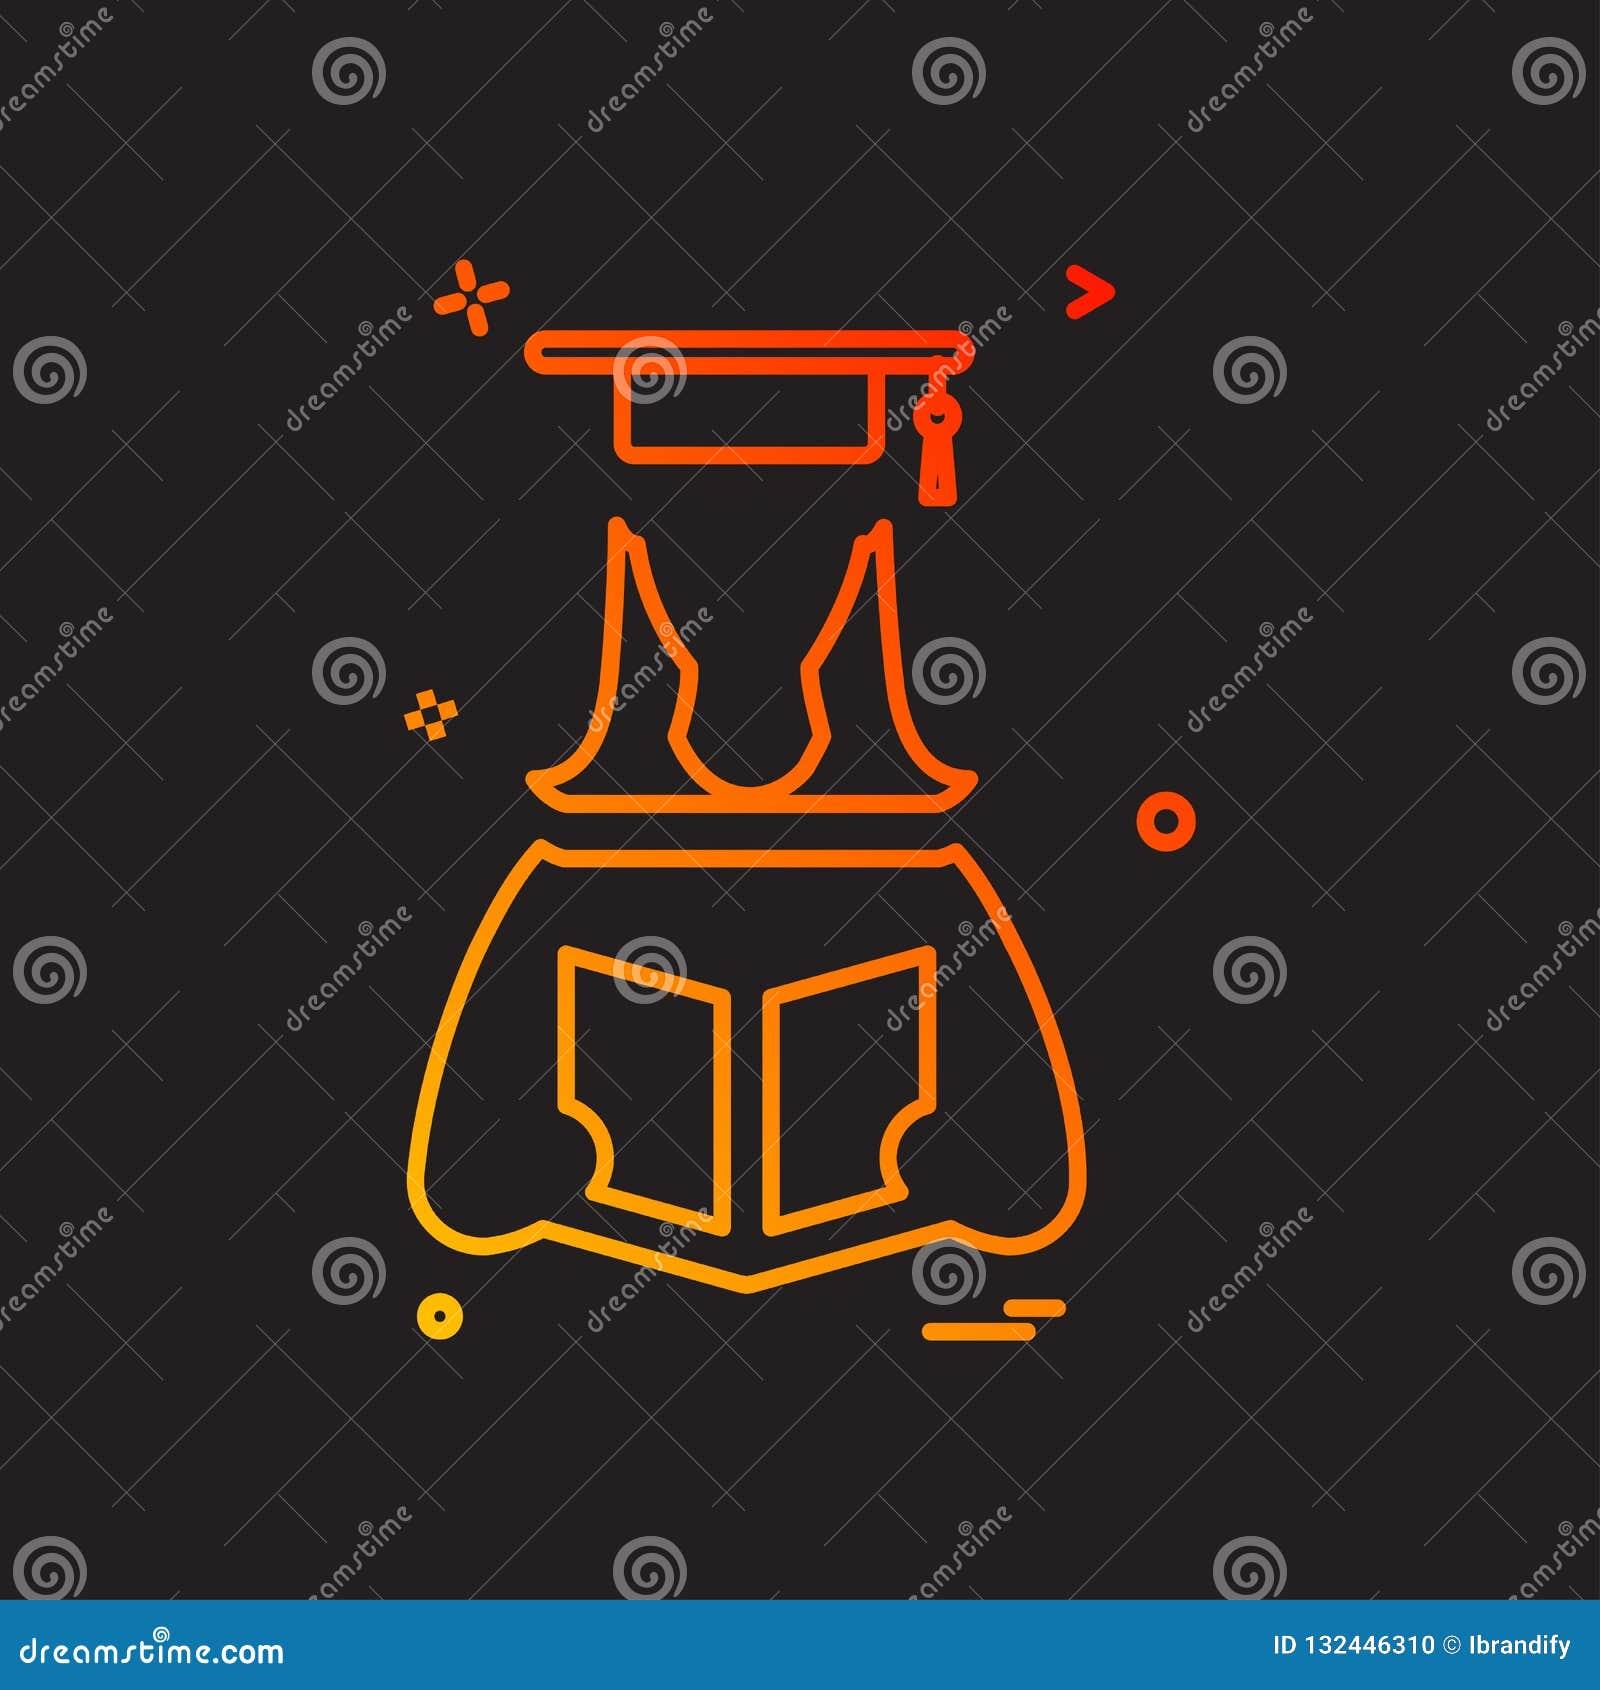 Convocation Icon Design Vector Stock Vector - Illustration